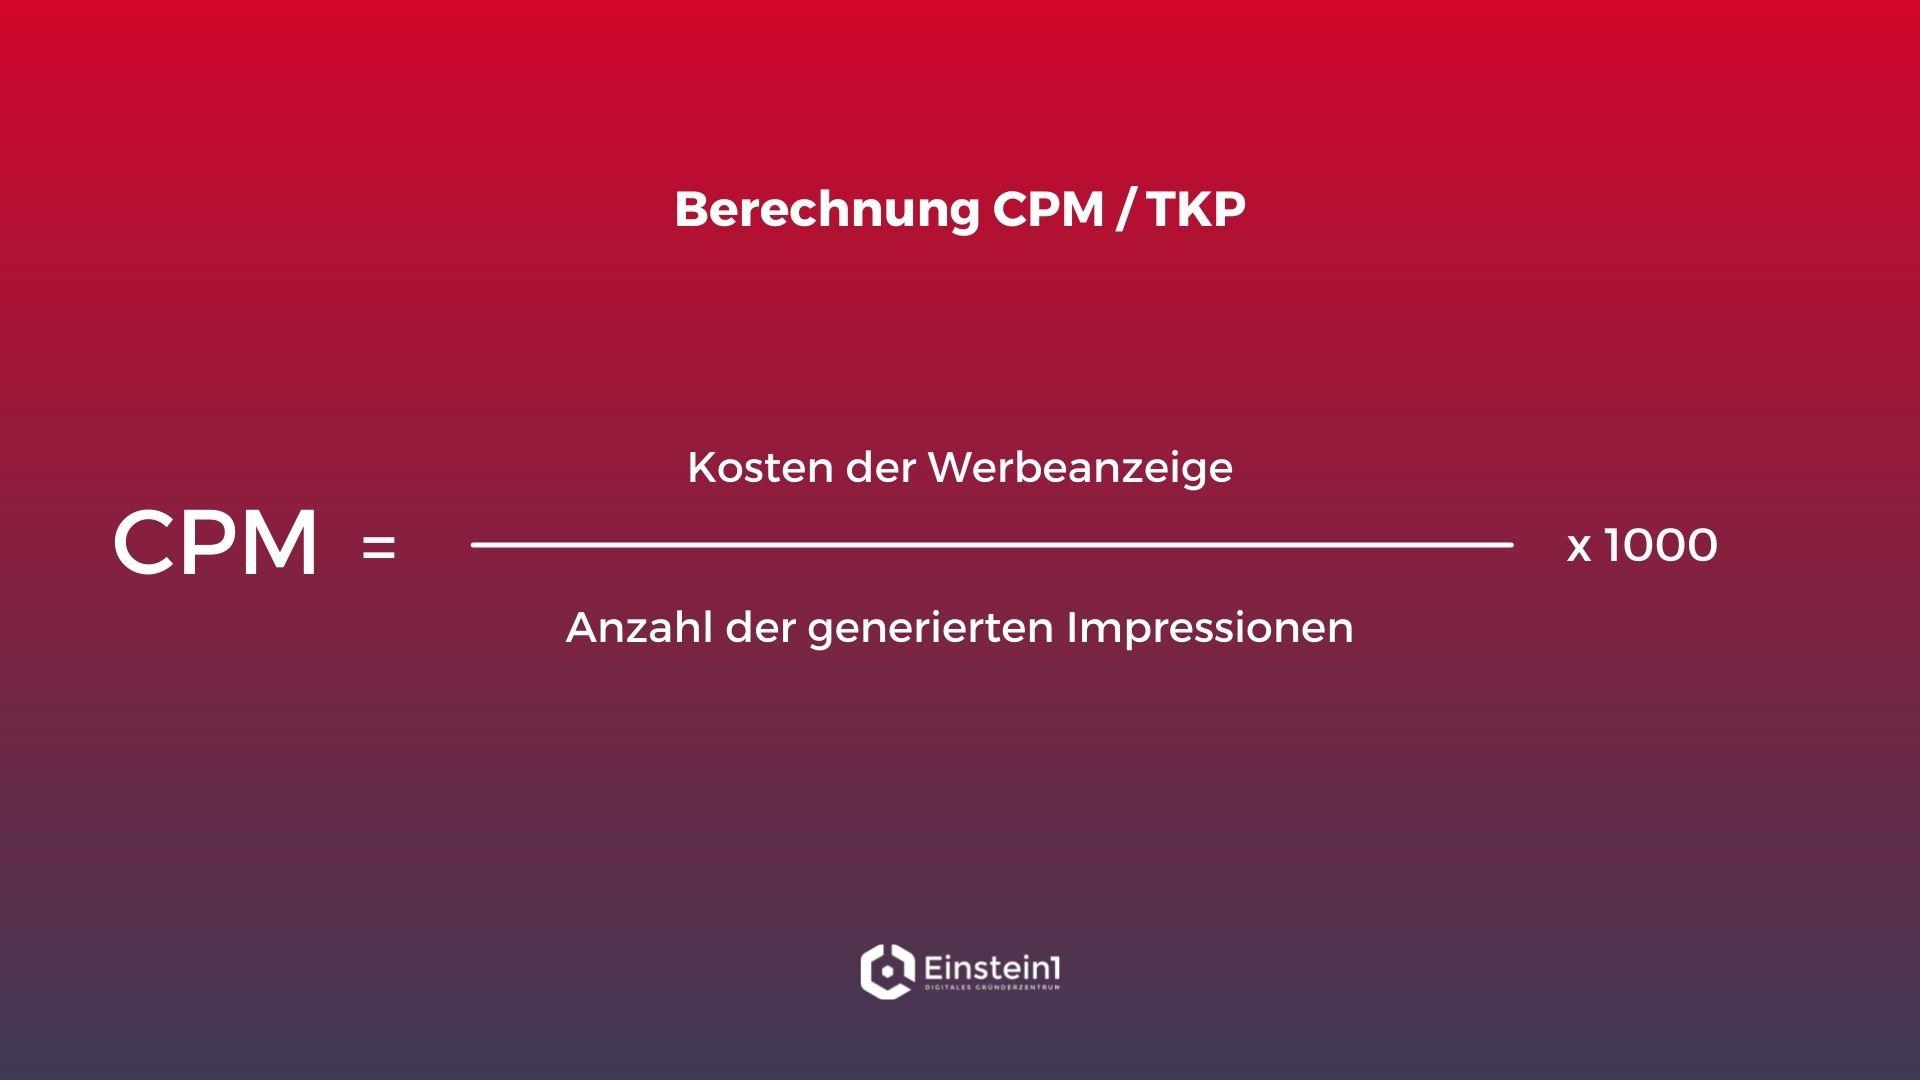 kennzahlen-online-marketing-cost-per-thousands-einstein1-1